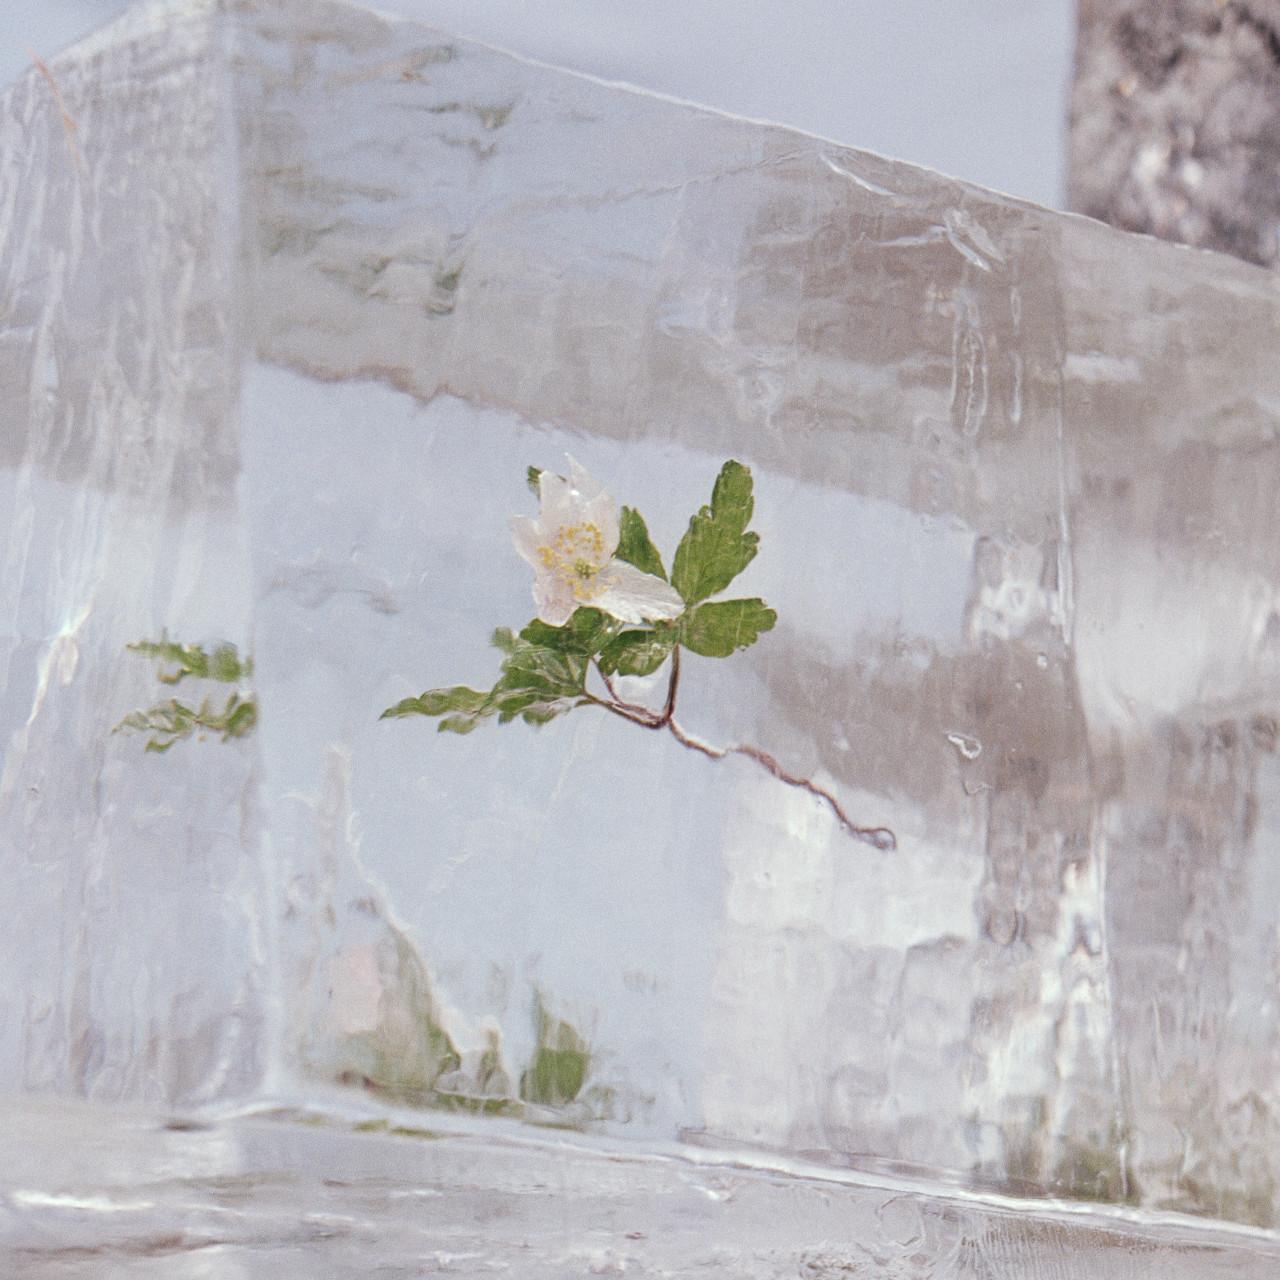 Deense band Efterklang komt met nieuw album Windflowers: Er is leven na de  pandemie - Reporters Online